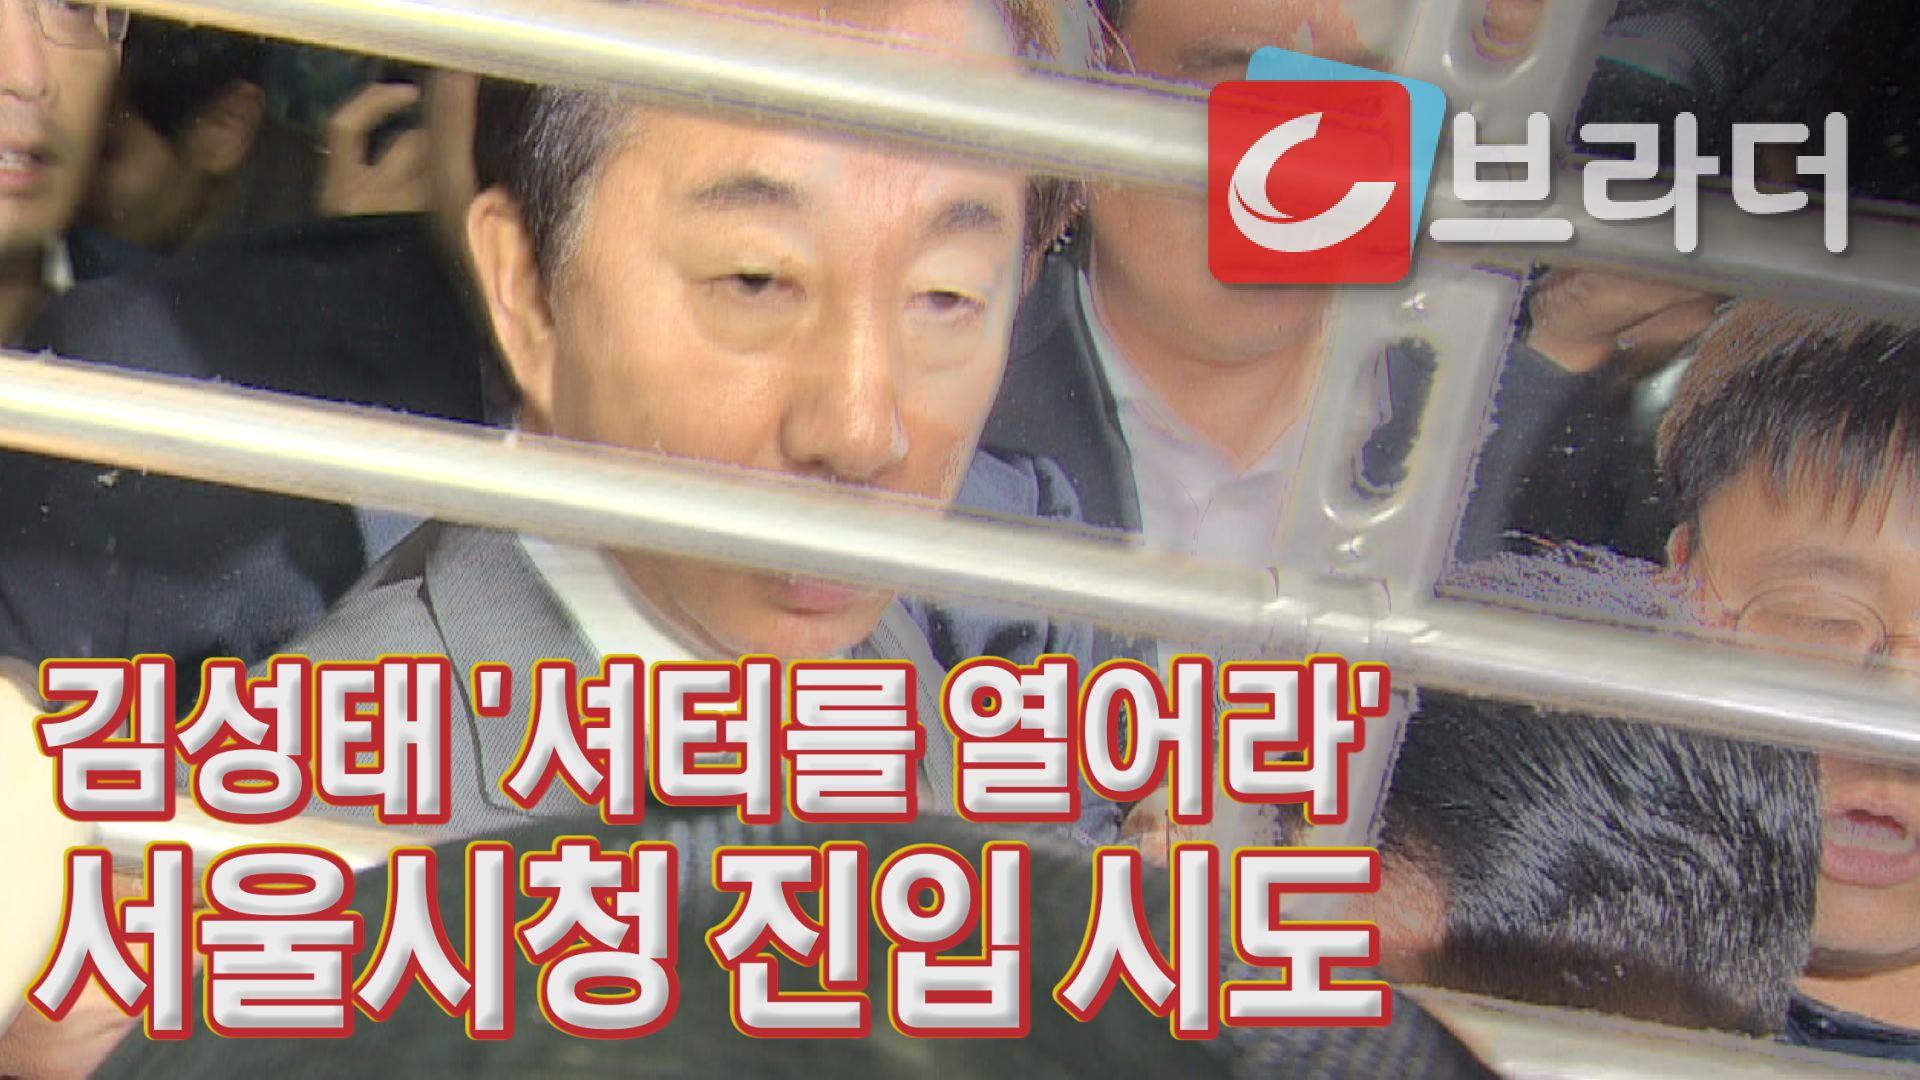 '셔터를열어라'김성태원내대표,서울시청항의방문진입시도'아수라장'[C브..